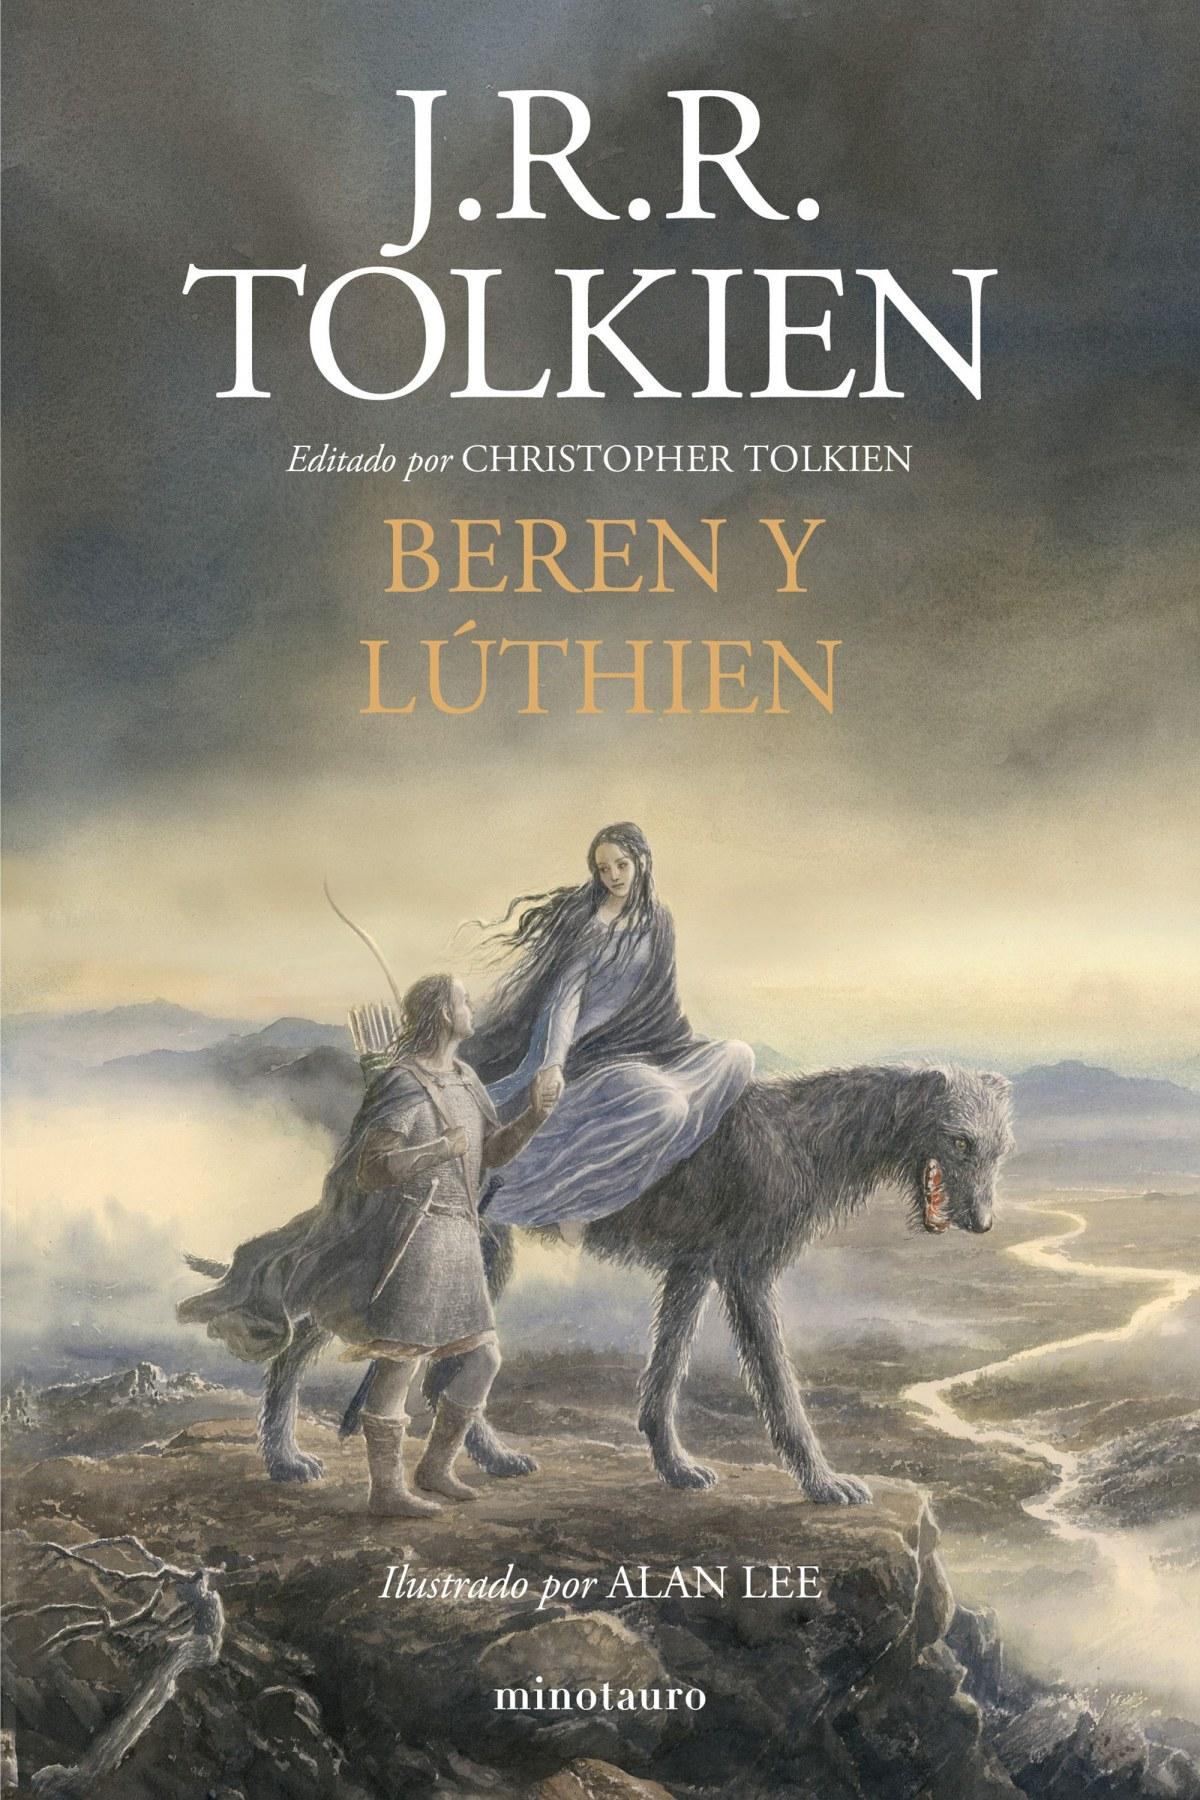 BEREN Y LUTHIEN 9788445005064